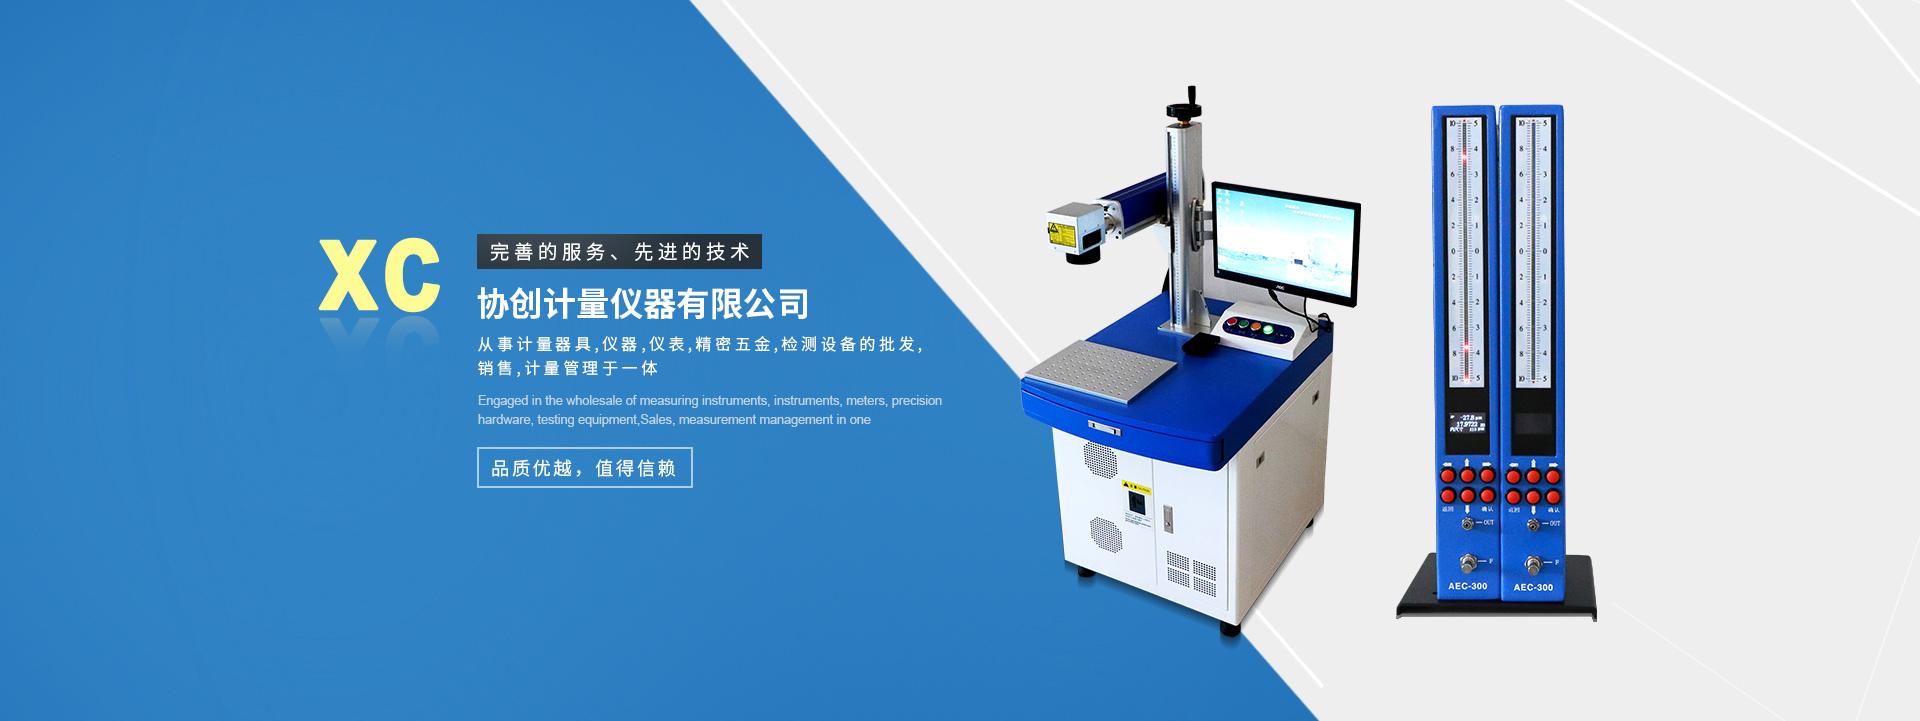 宁波协创计量仪器有限公司